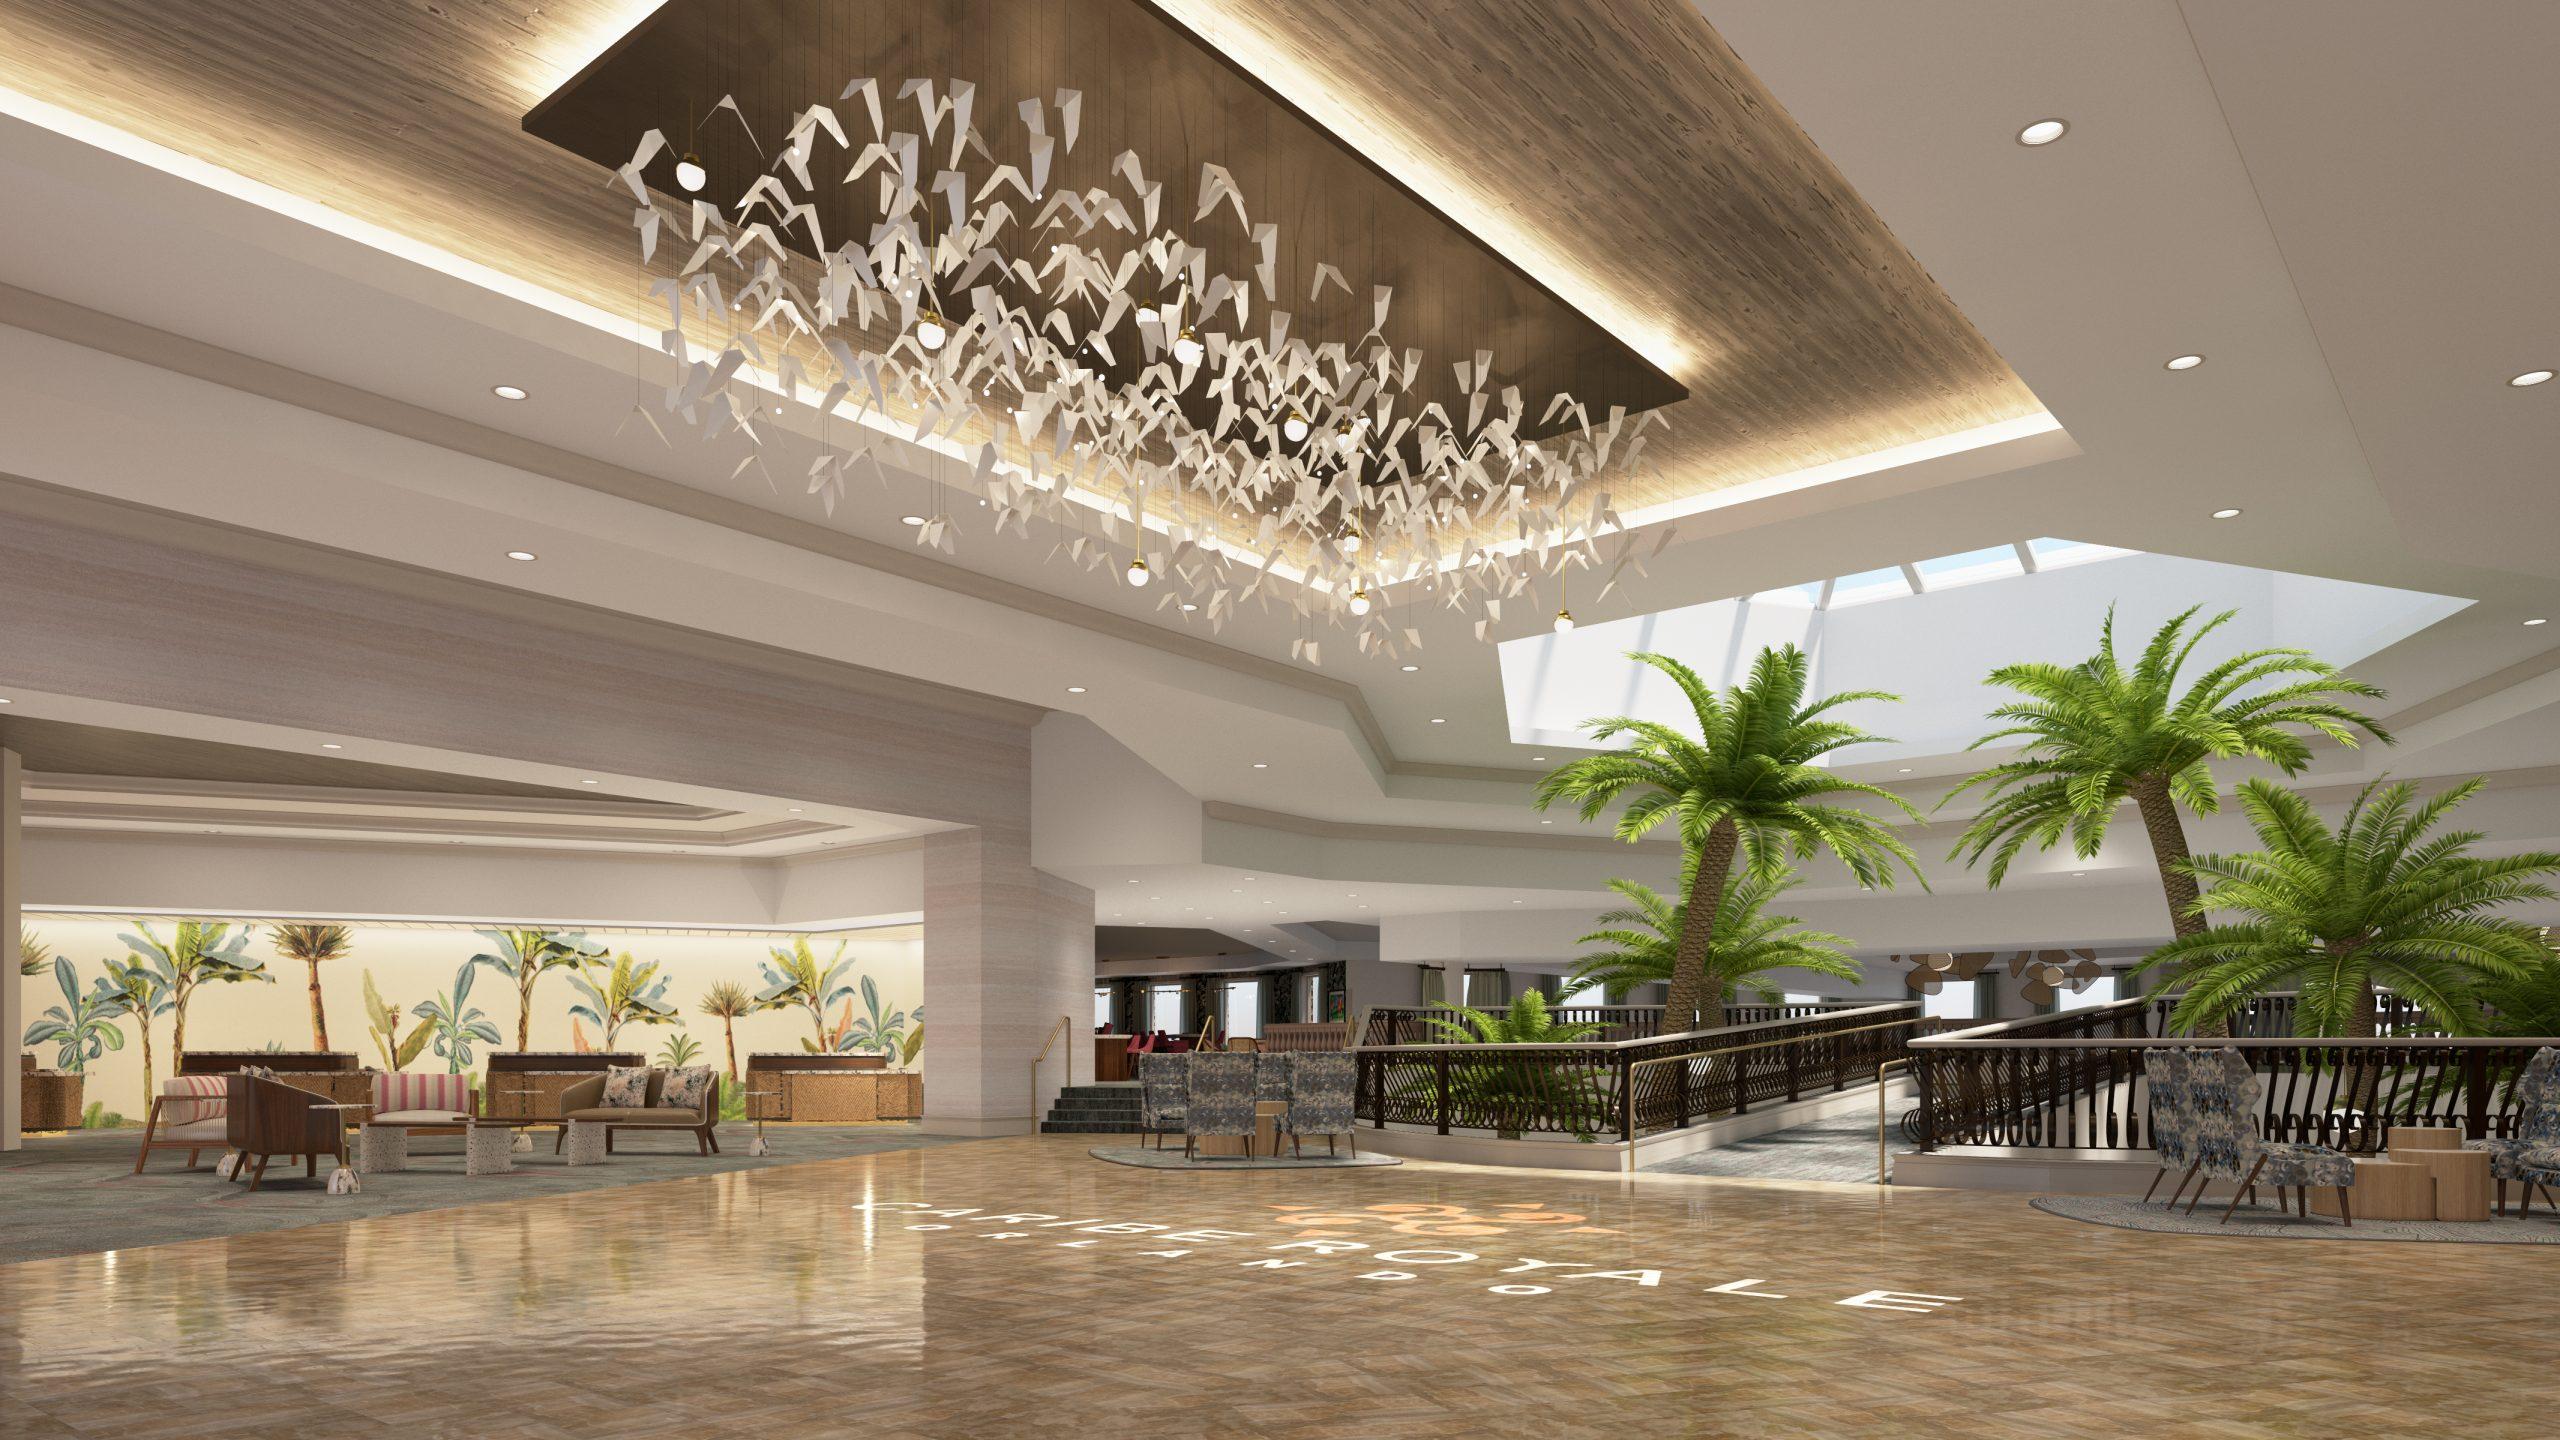 New Caribe Royale lobby